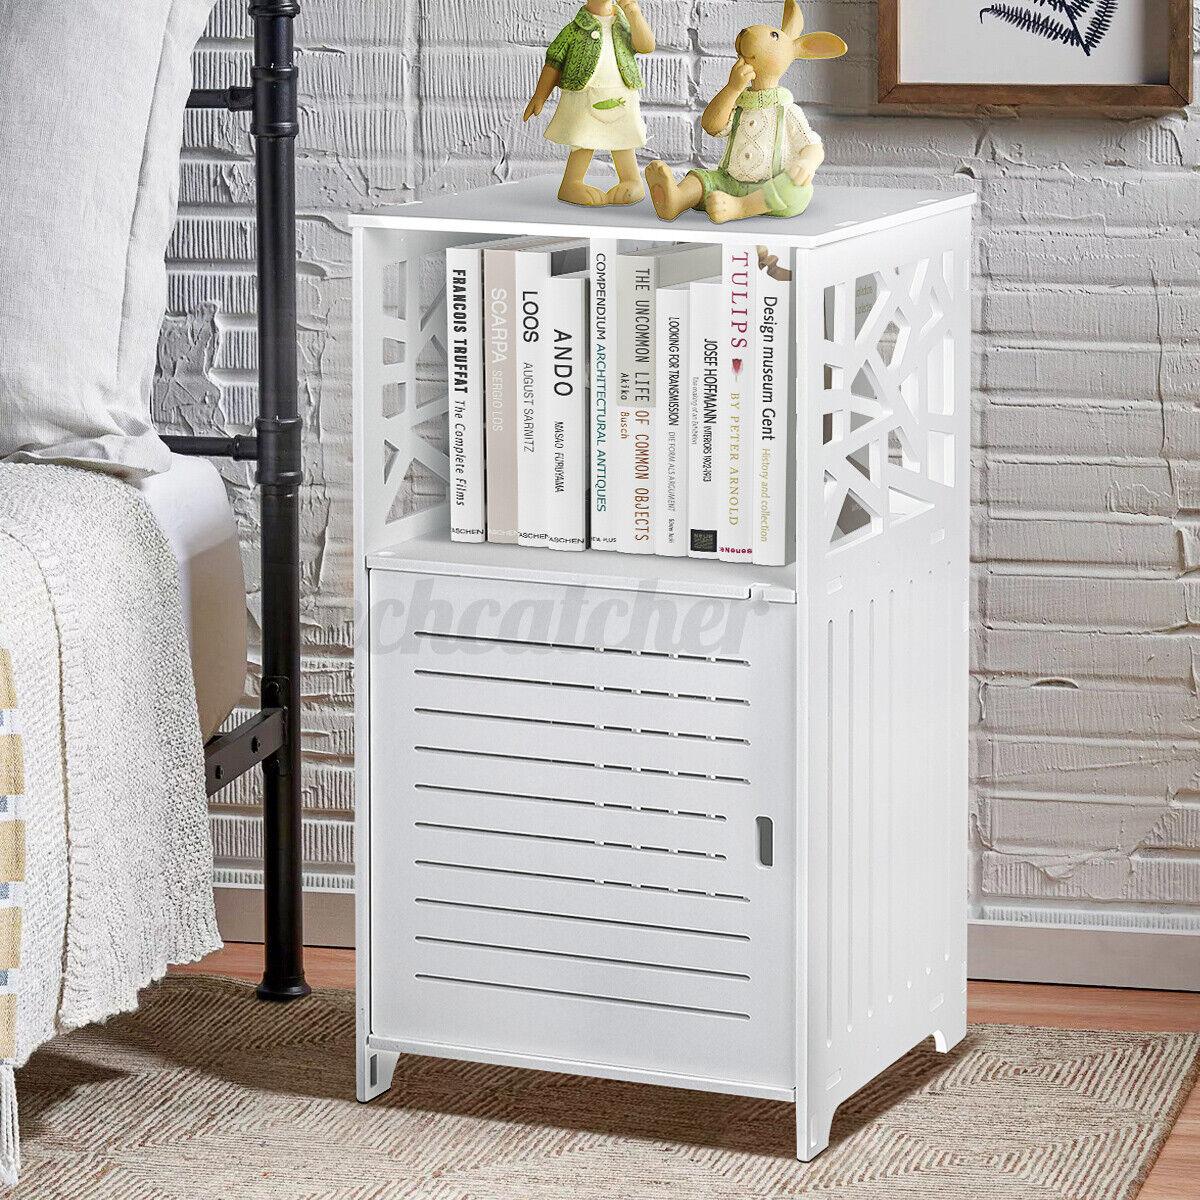 Sofa Side End Table Storage Bedside Shelf Living Room Bedroom Furniture Stand